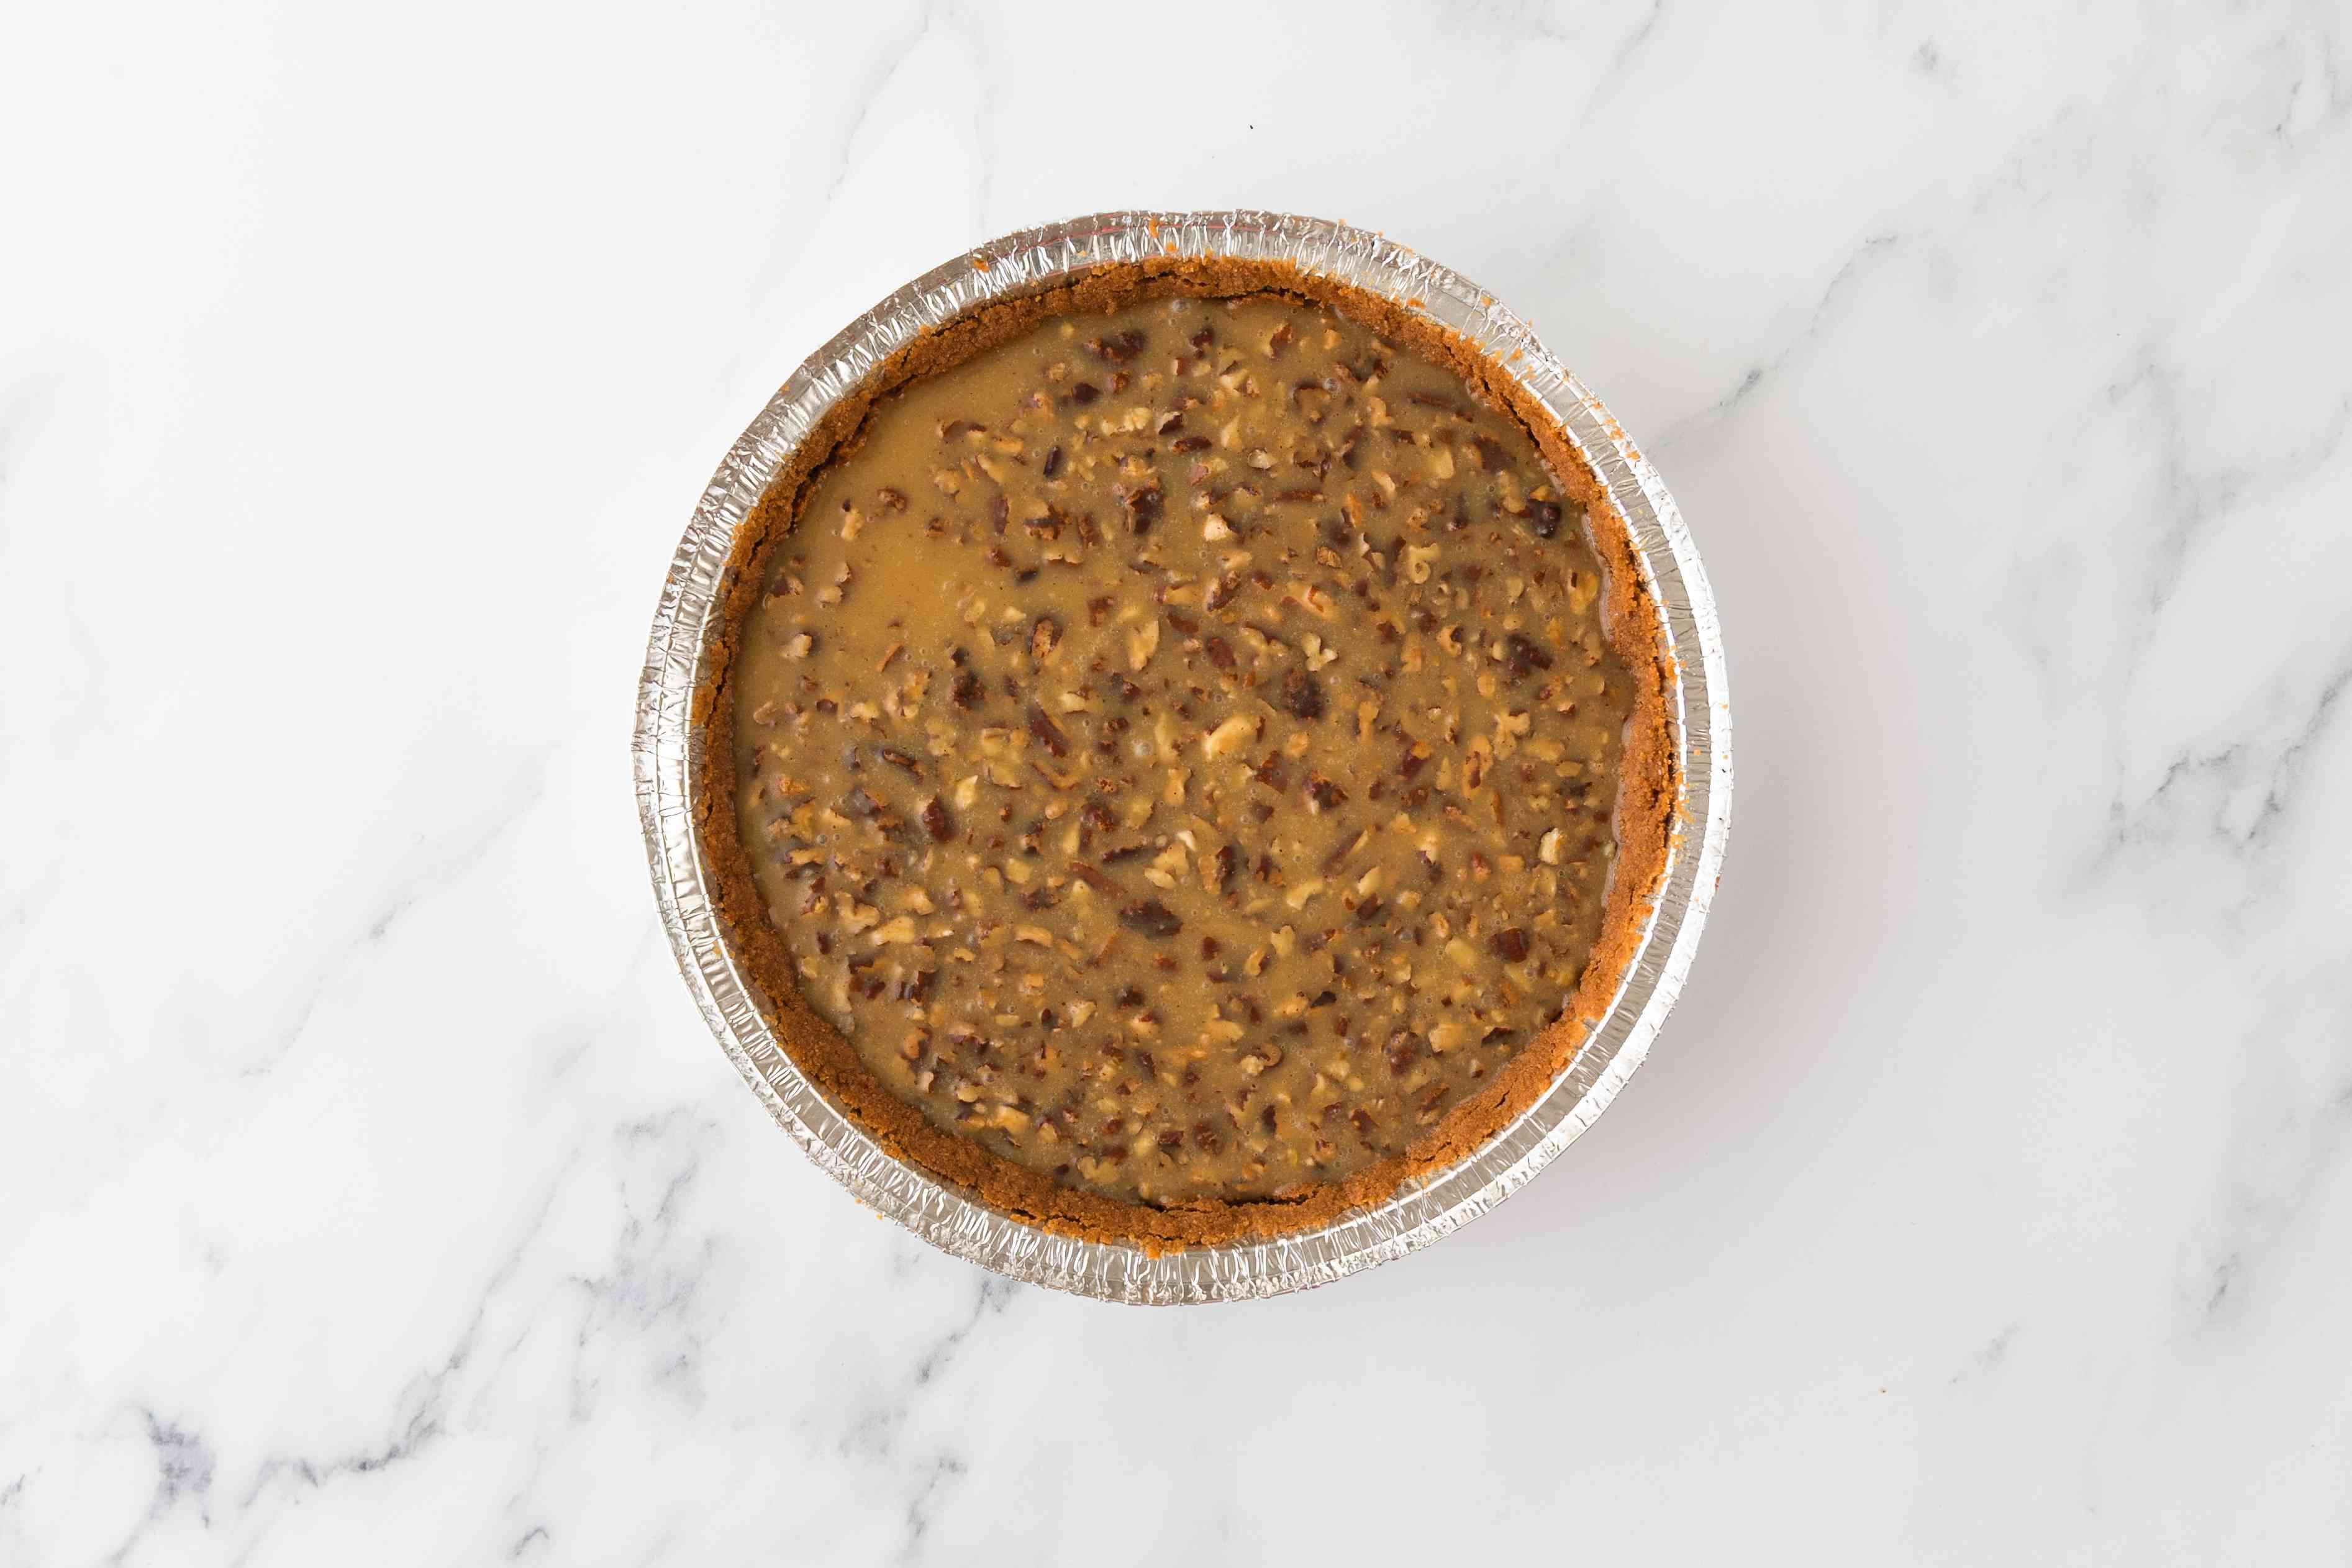 Put filling in pie